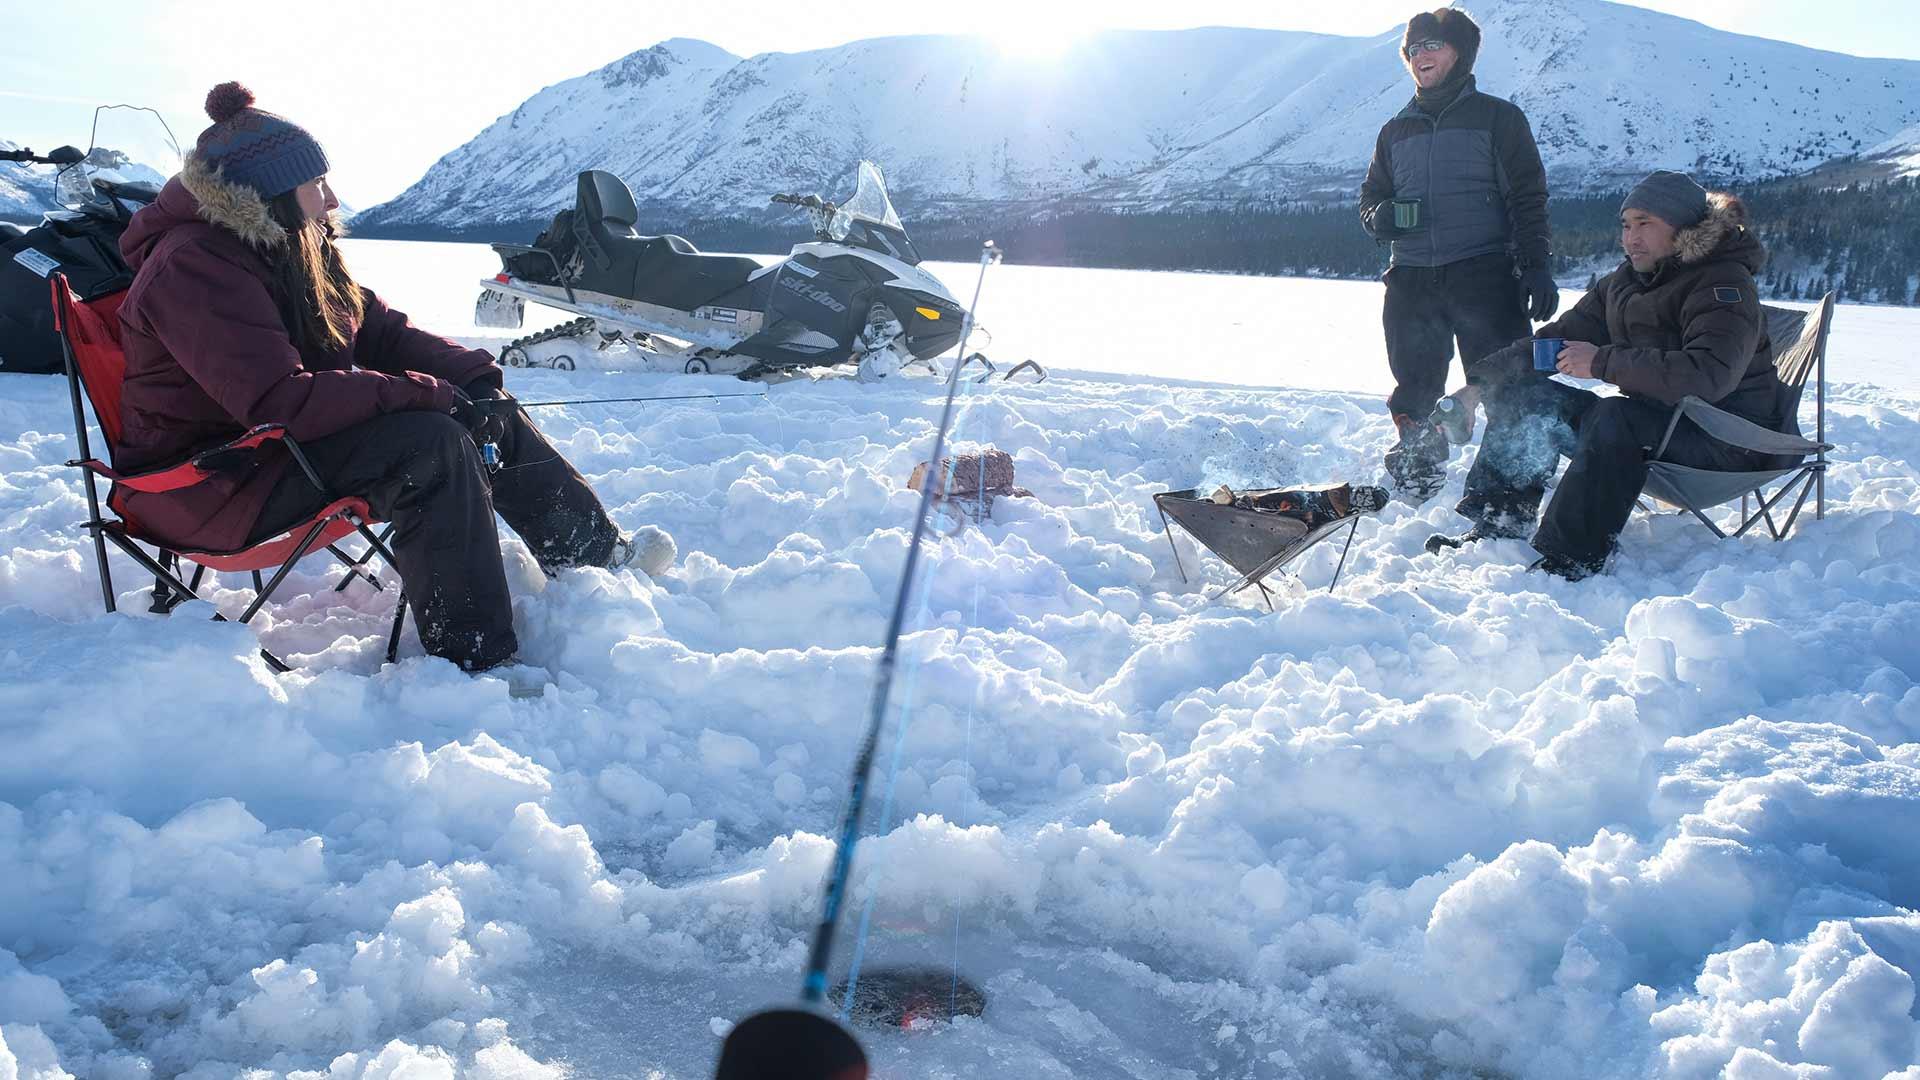 Ice fishing travel yukon yukon canada official for Ice fishing 2017